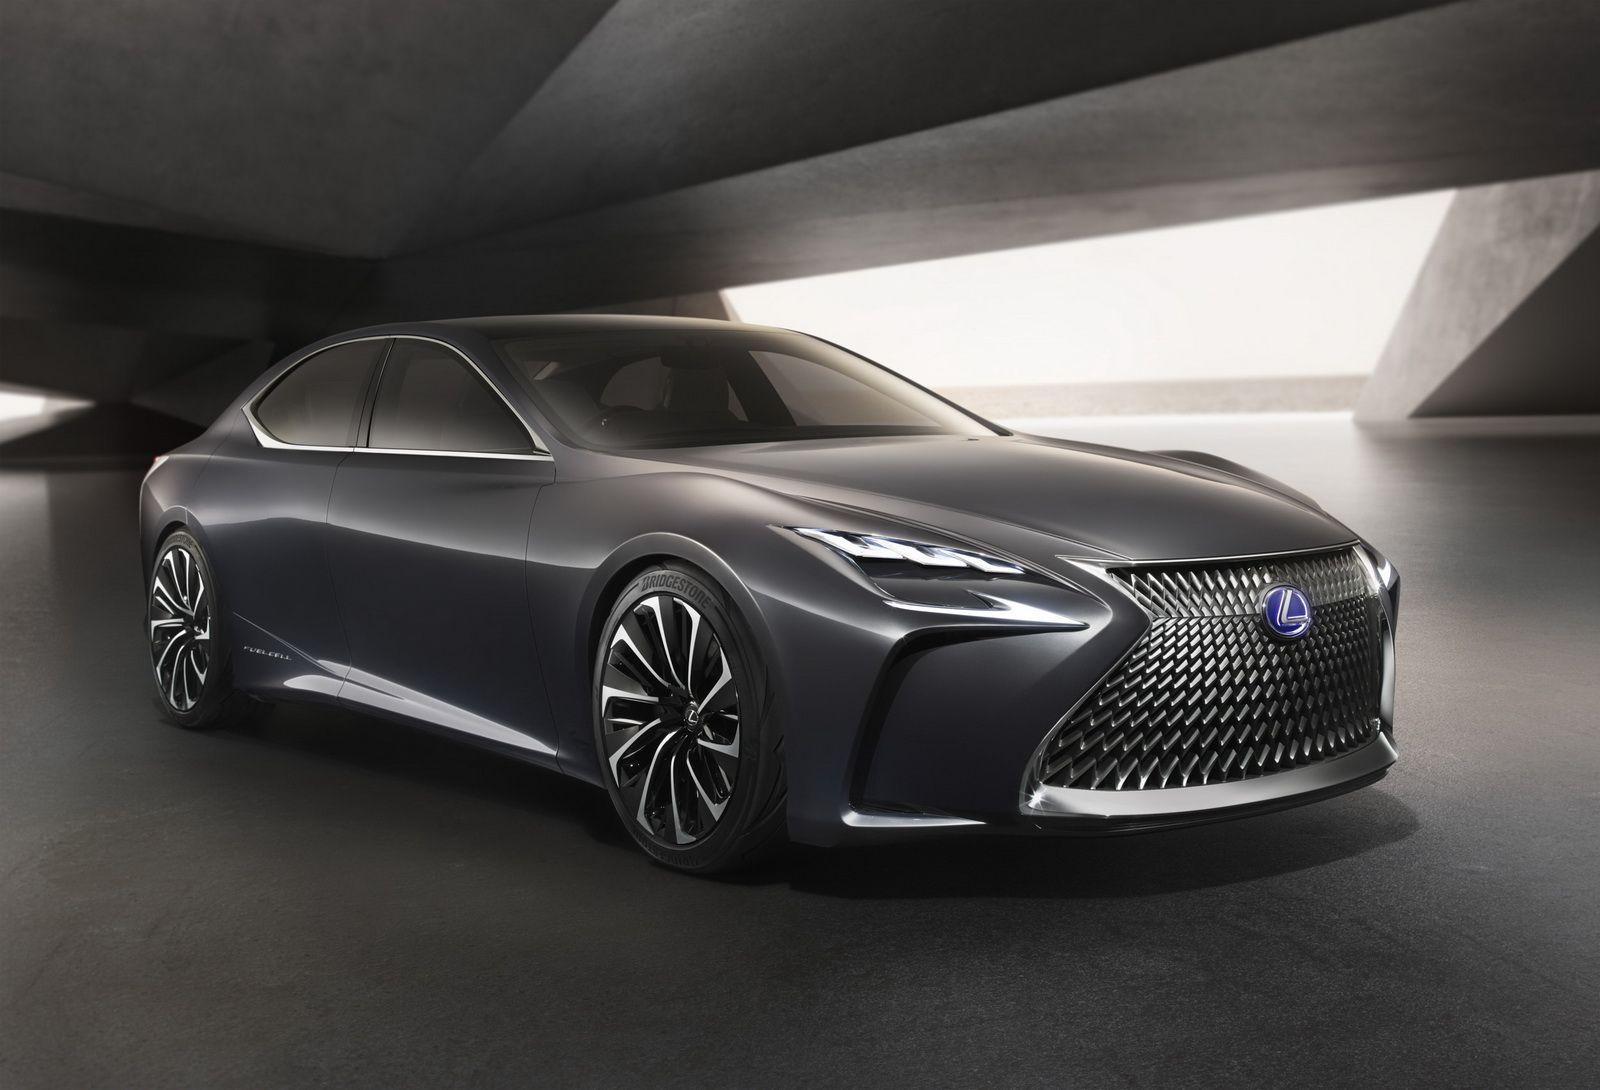 Next Gen Lexus Ls To Get Hydrogen Variant Lexus Ls Lexus Cars Lexus Ls 460